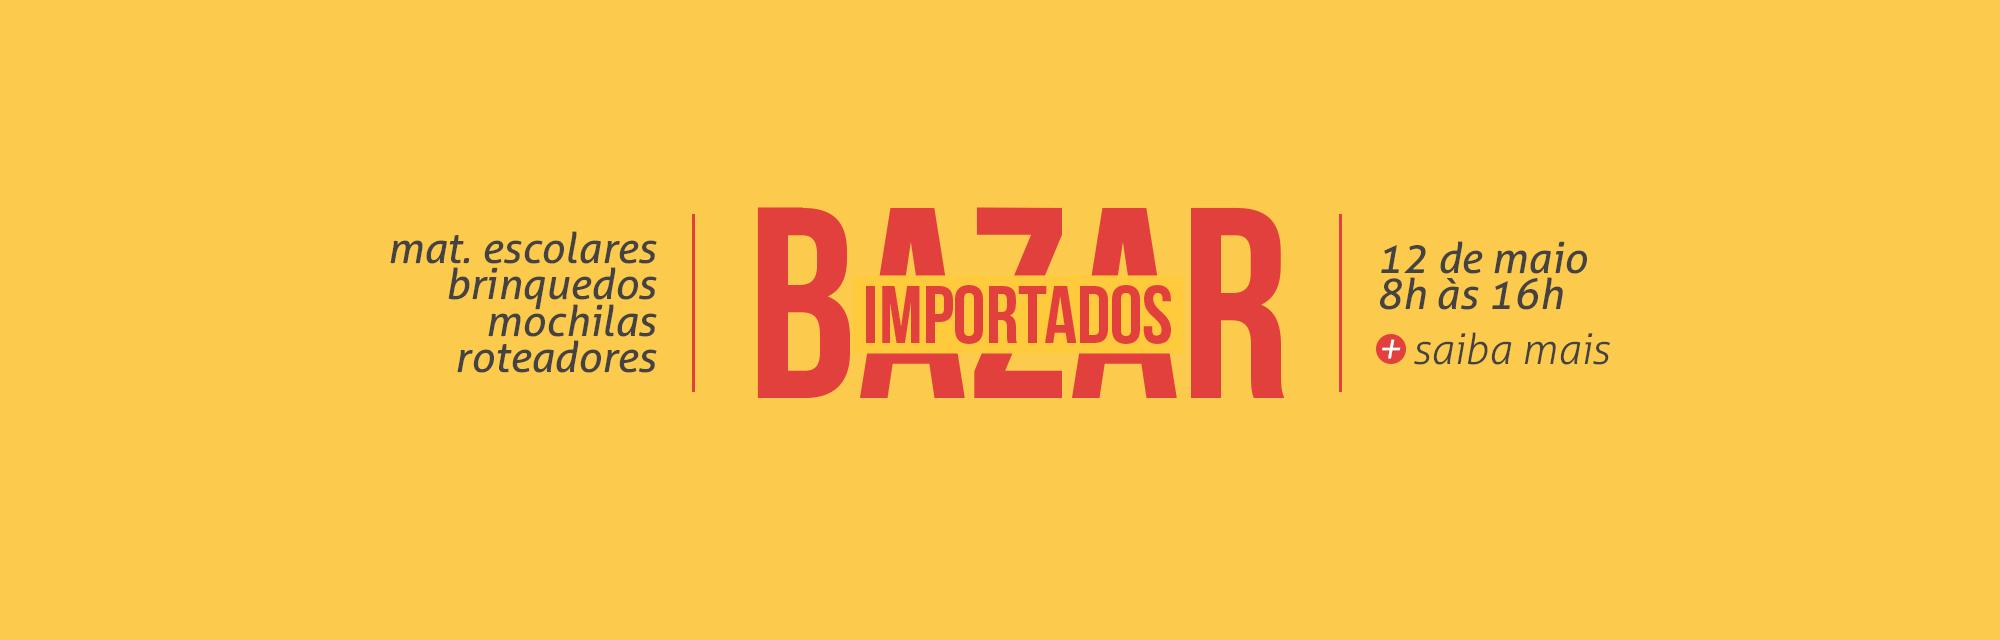 BAZAR-IMPORTADOS